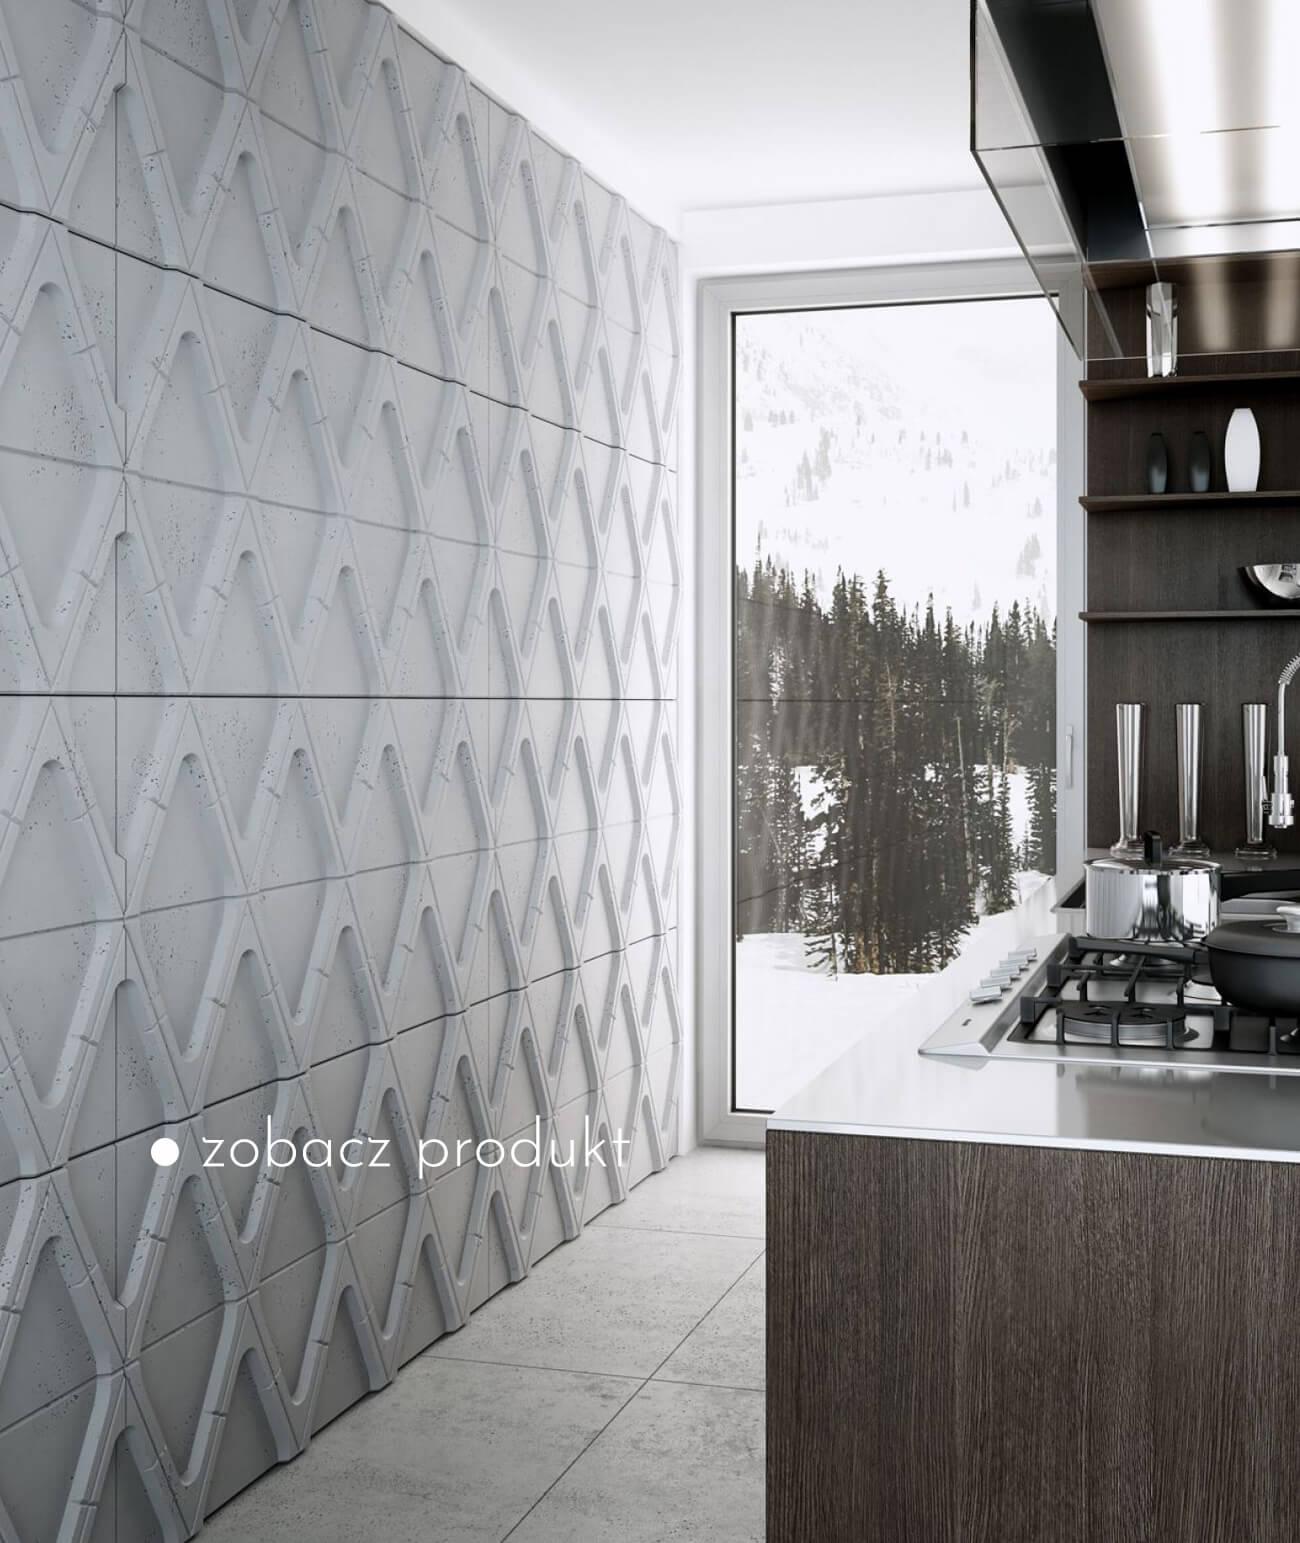 panele-betonowe-3d-scienne-i-elewacyjne-beton-architektoniczny_926-20192-pb31-b1-siwo-bialy-modul-v---panel-dekor-3d-beton-architektoniczny-panel-scienny